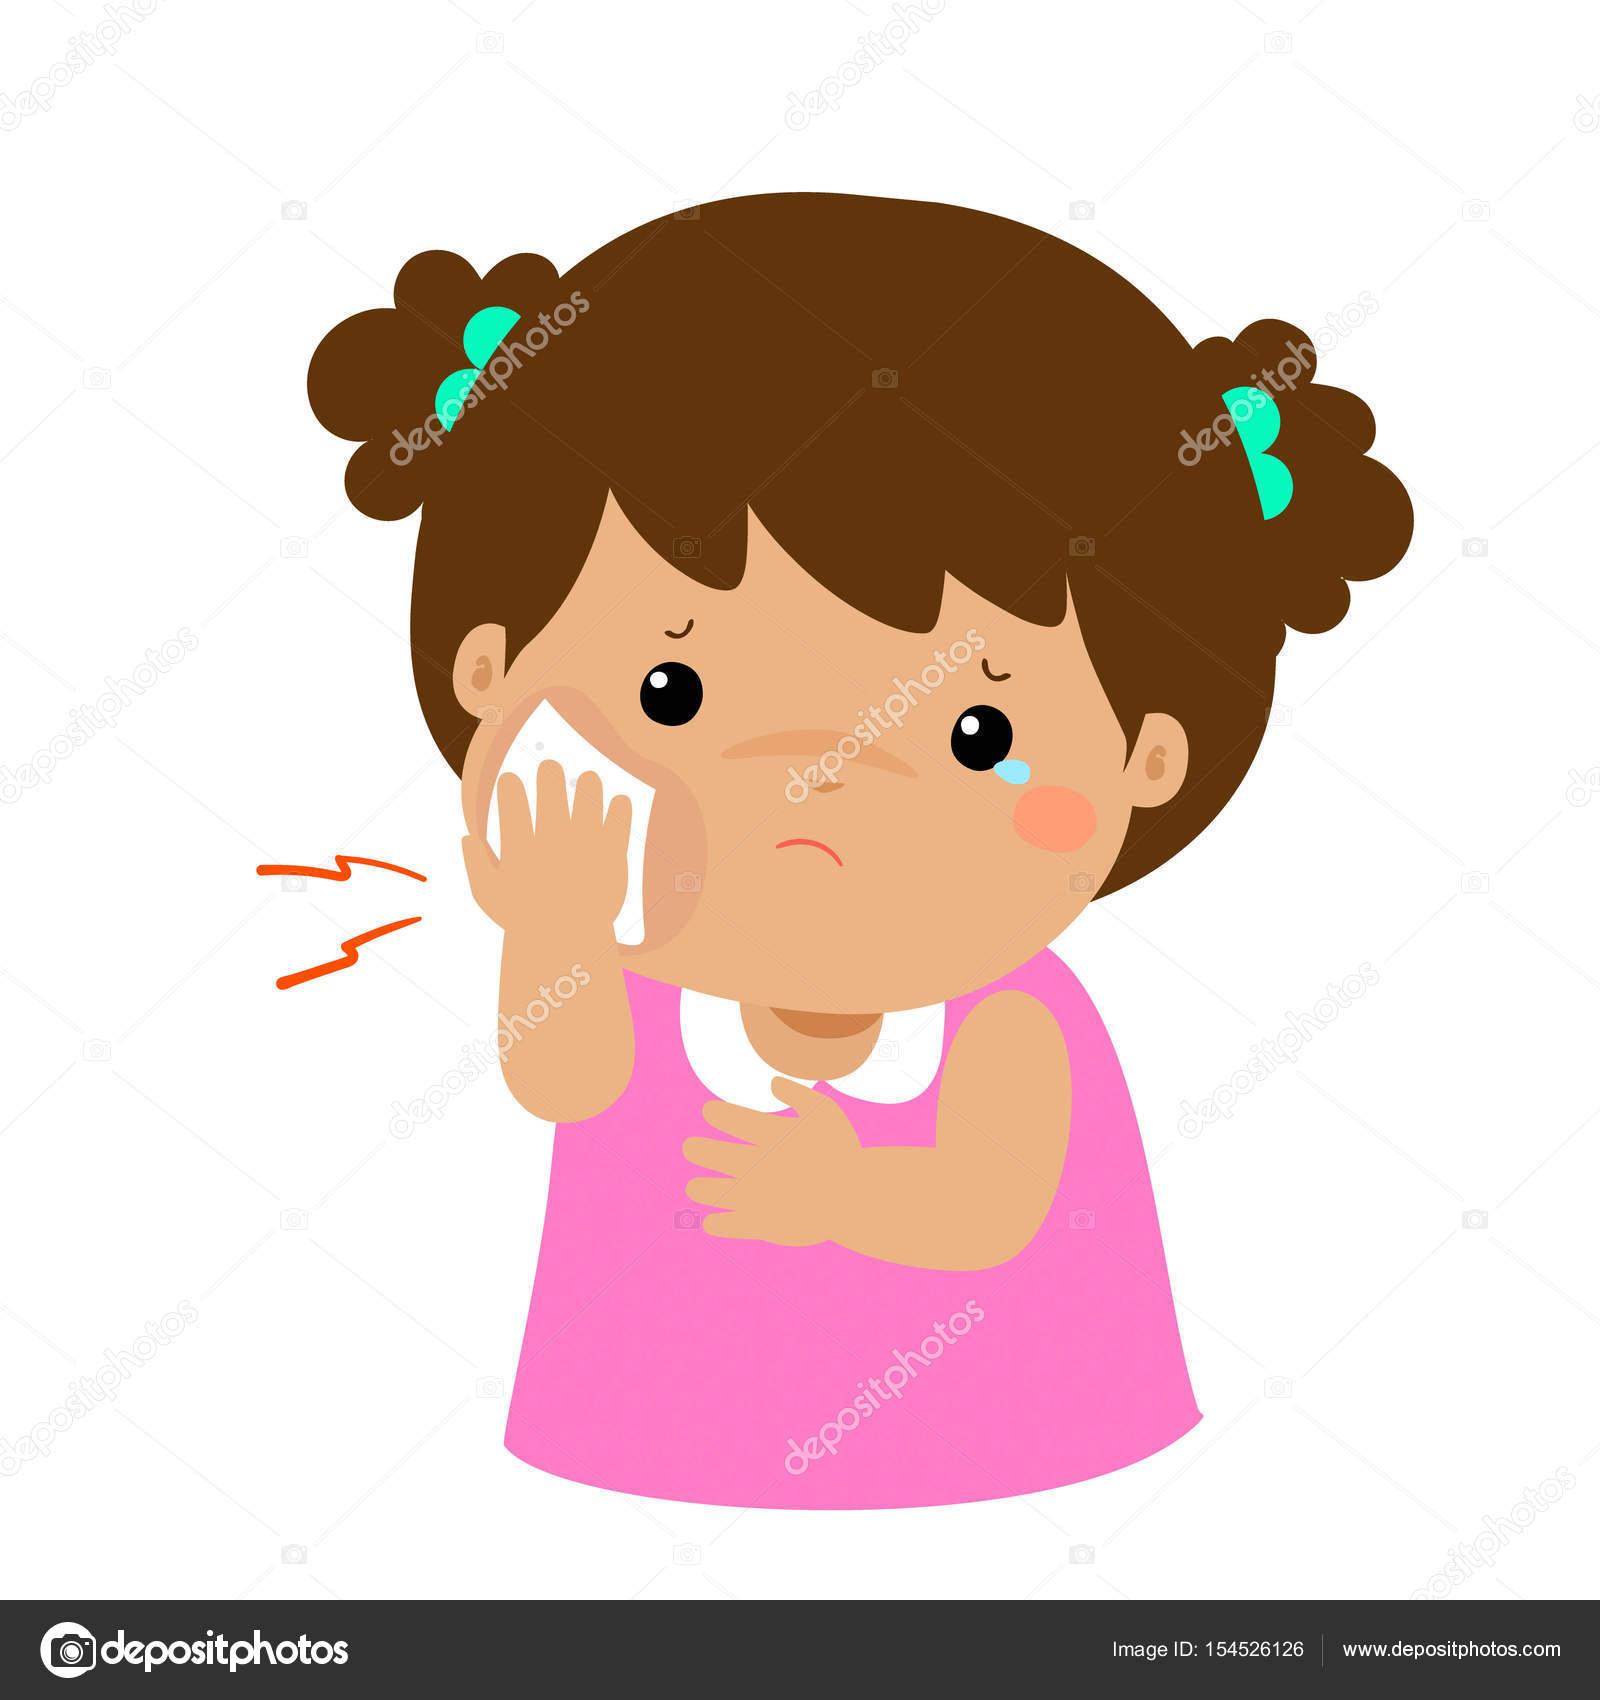 Cartoon toothache pictures - Imagenes con animacion ...